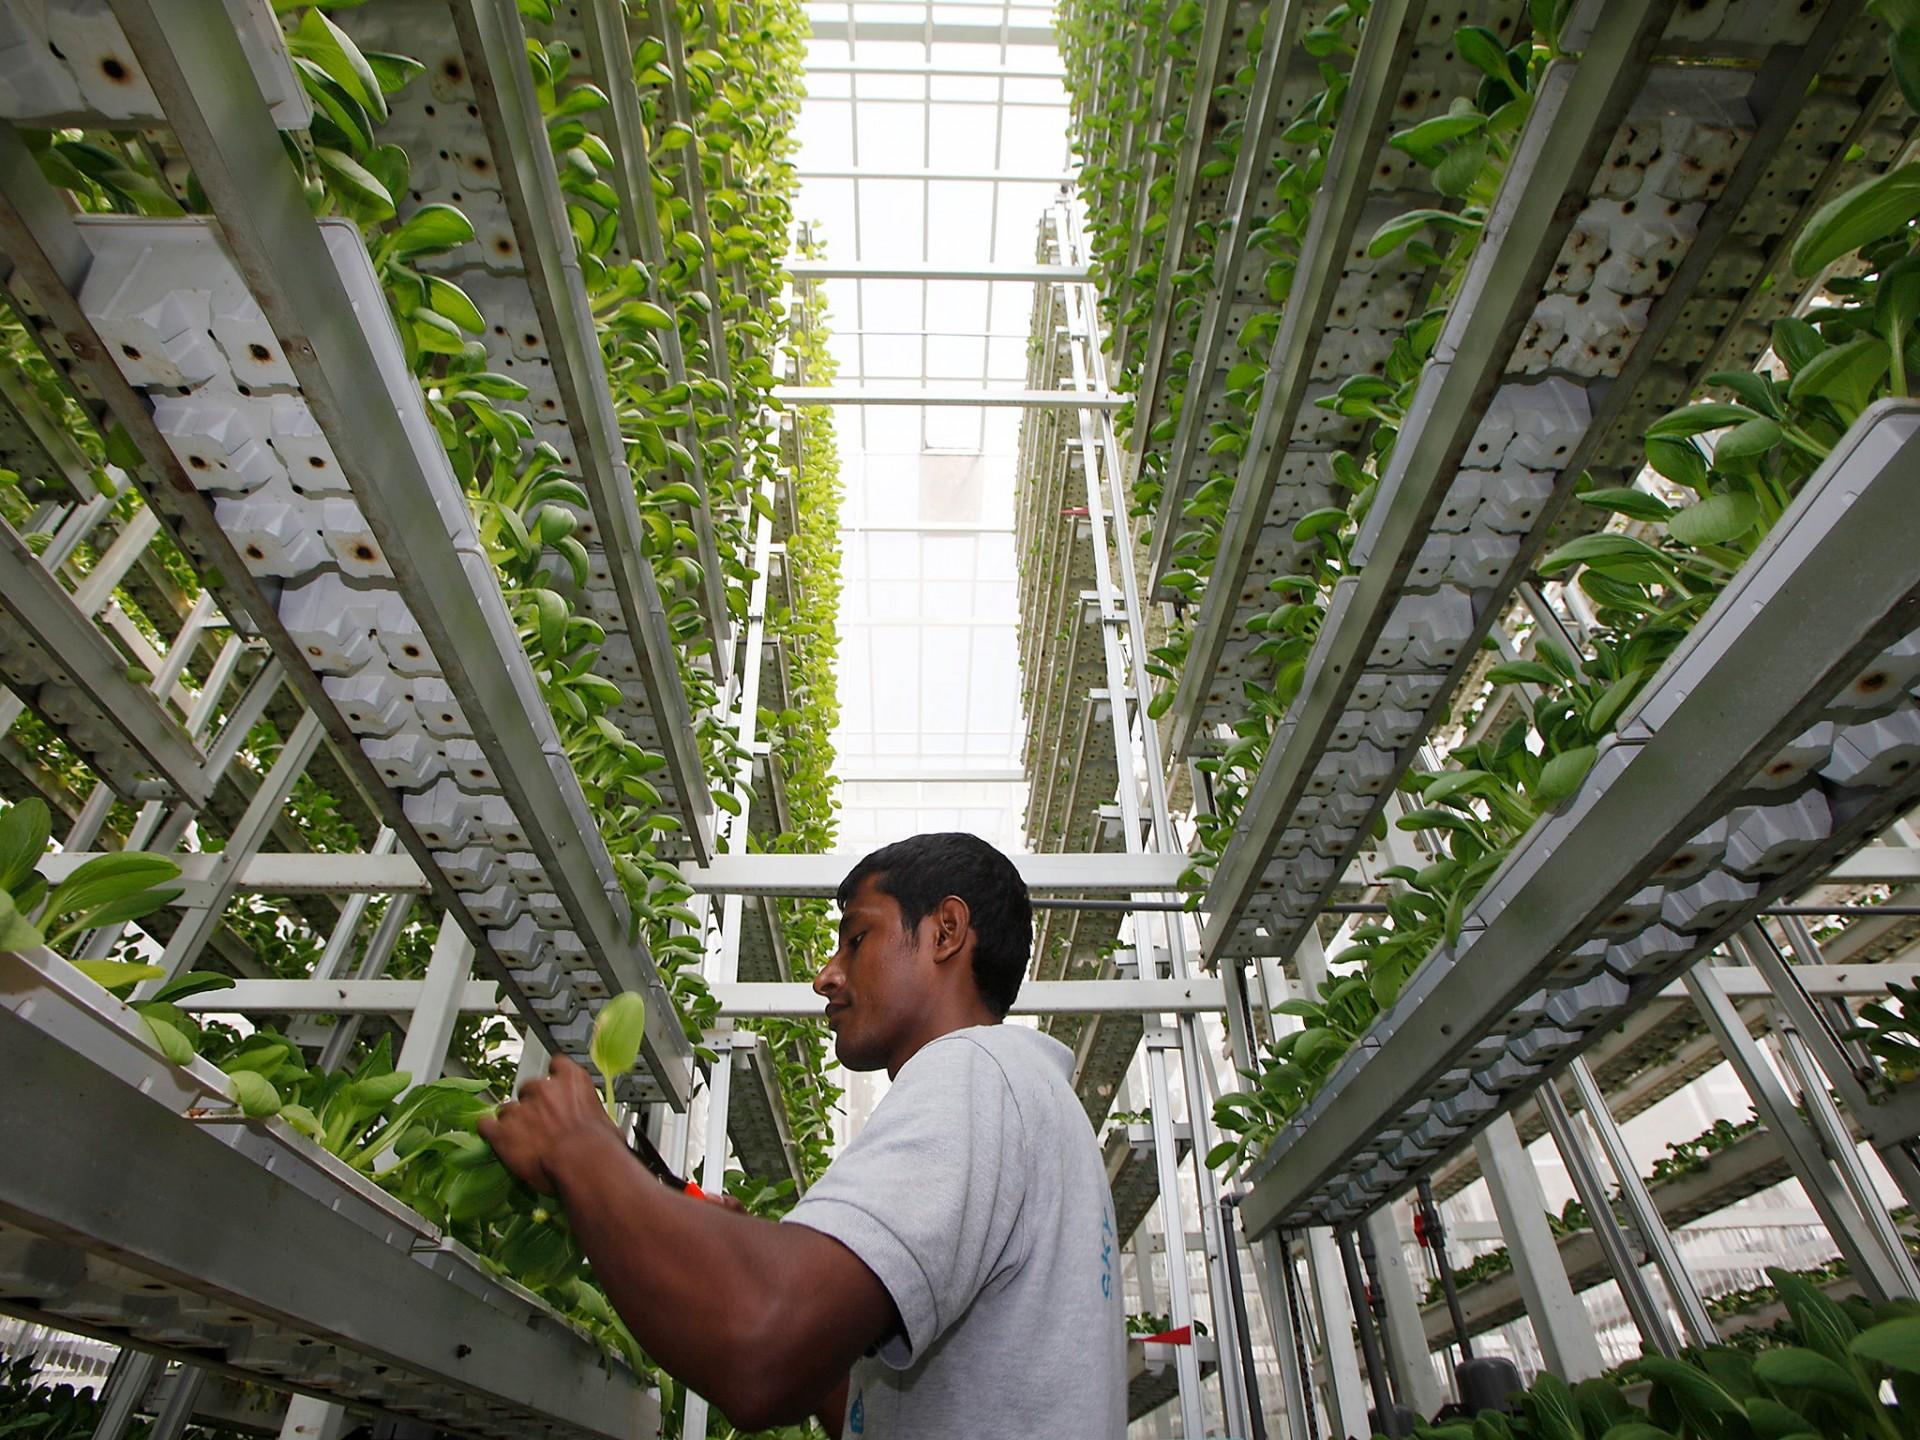 O papel da agricultura vertical na procura por práticas sustentáveis